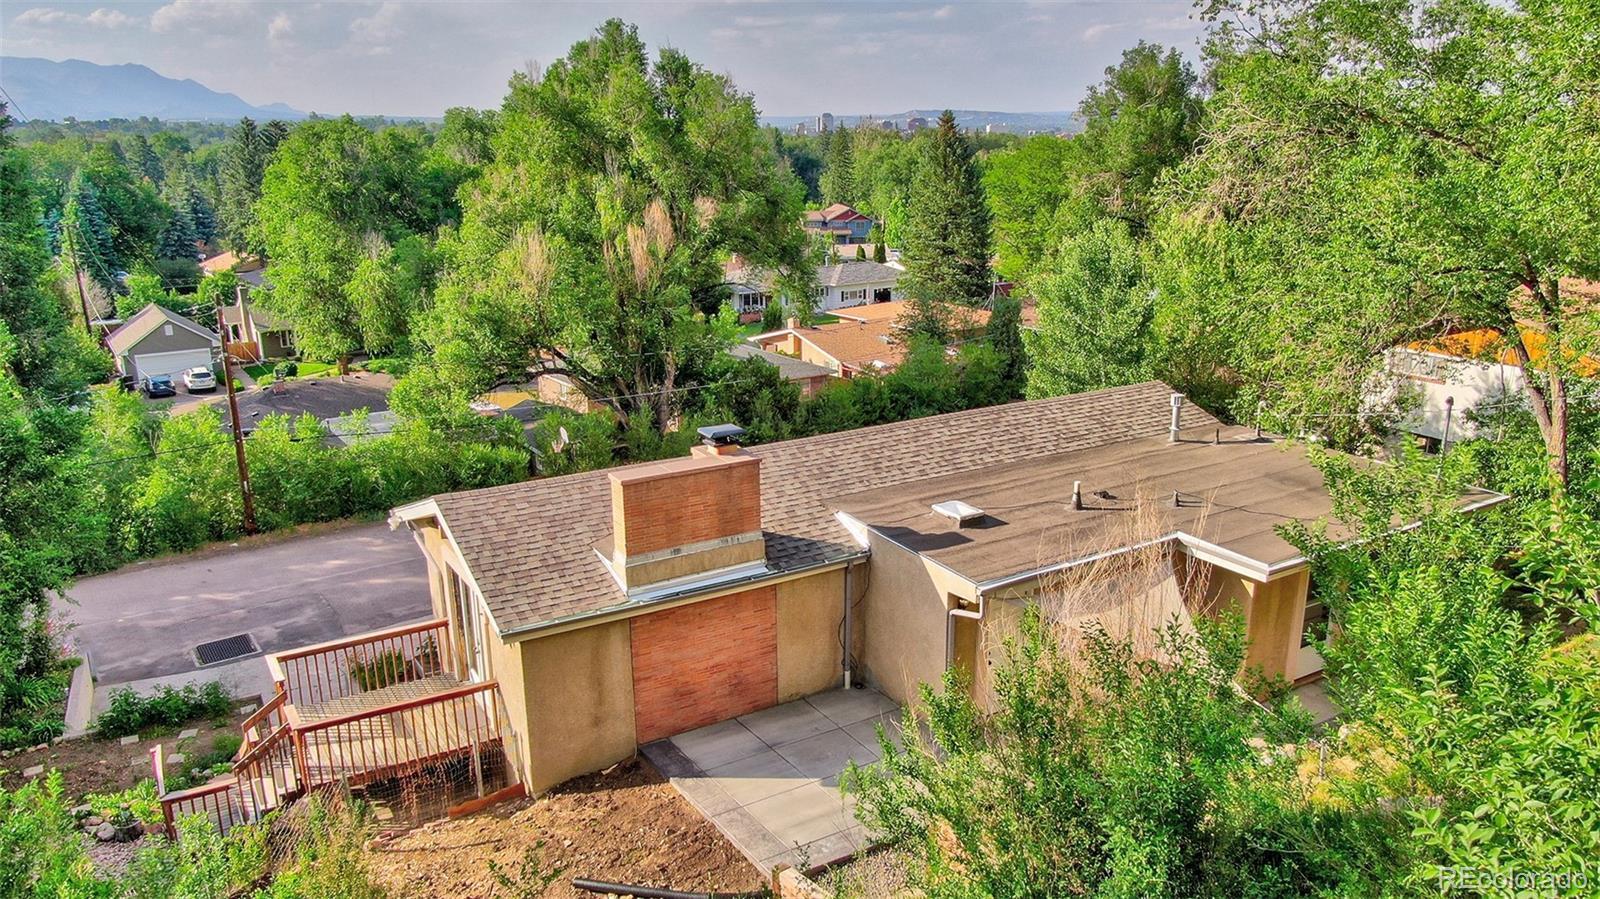 MLS# 9508808 - 5 - 417 Valley Way, Colorado Springs, CO 80906